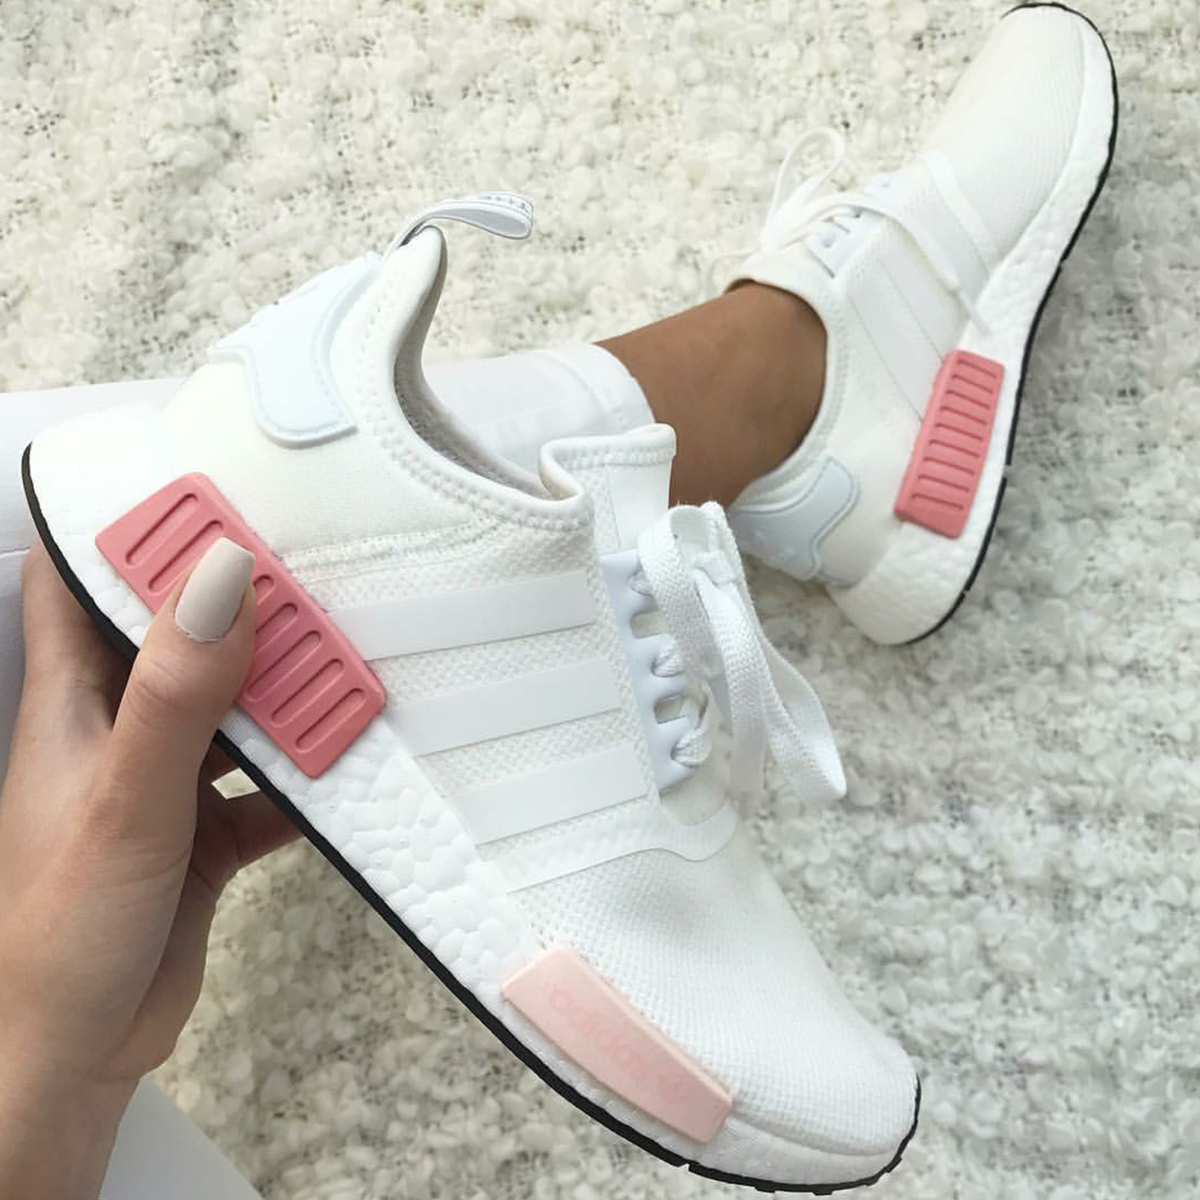 adidas nmd rosa weiß